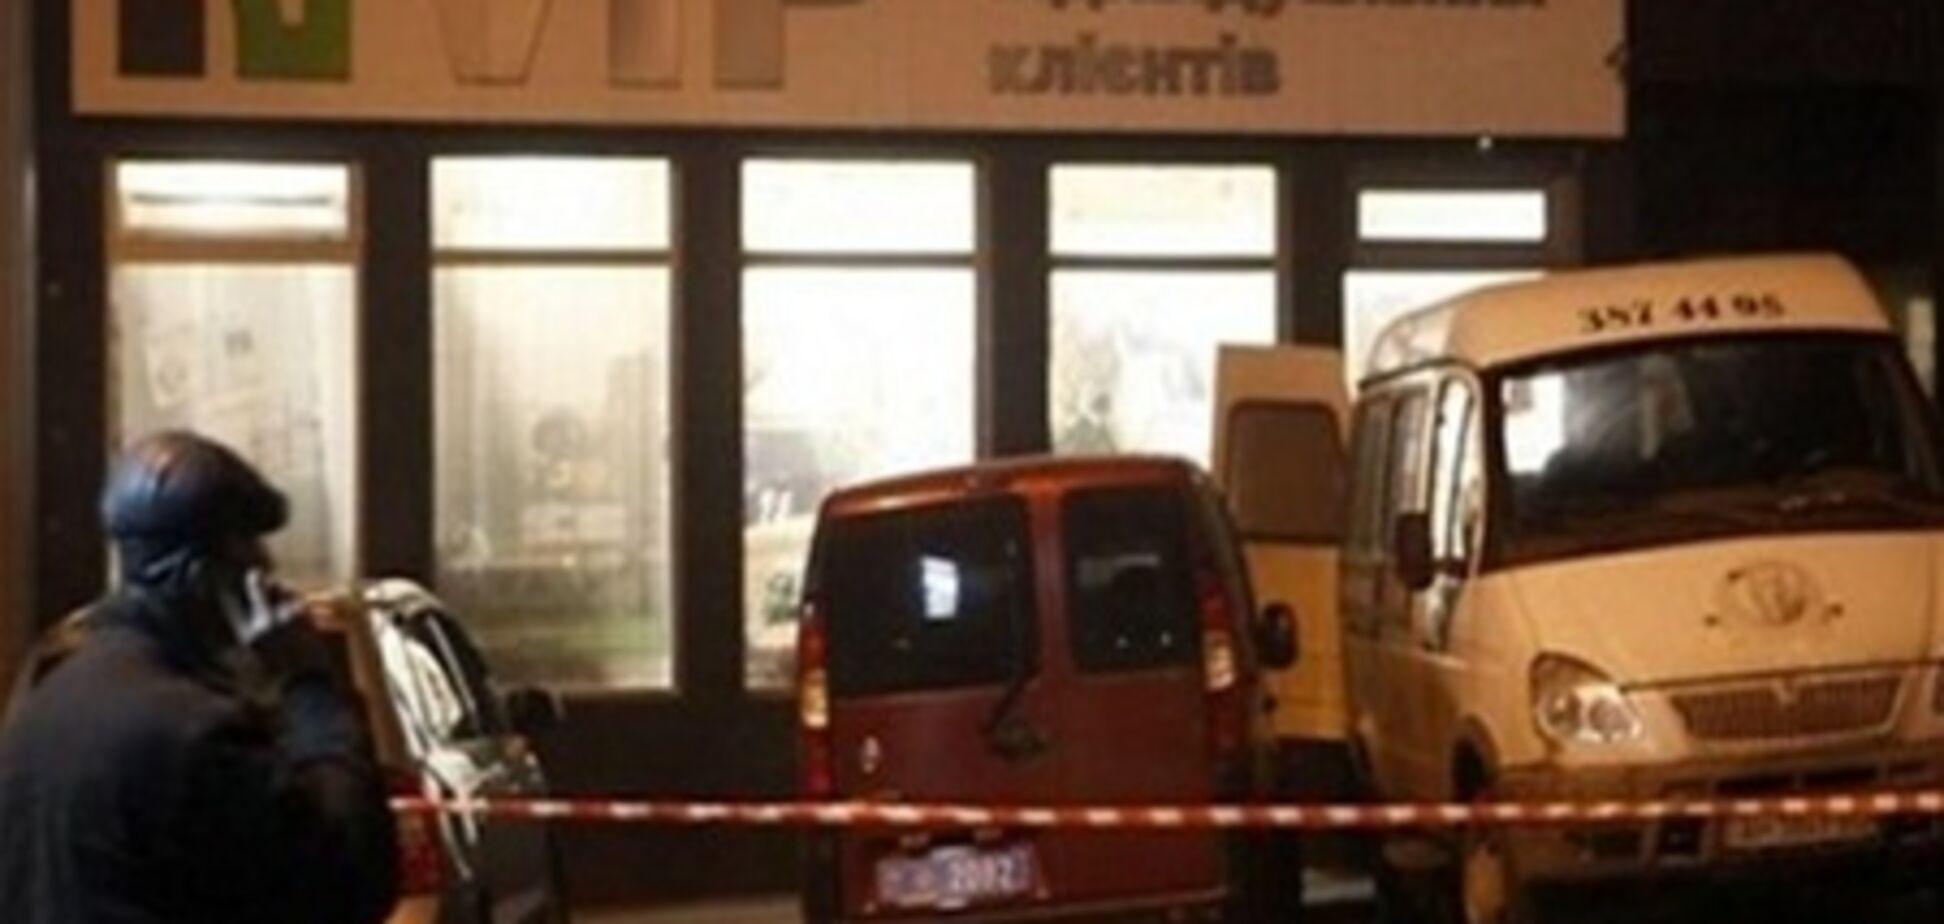 Кровавое ограбление 'Приватбанка': грабители смогли вынести 5,5 млн гривен